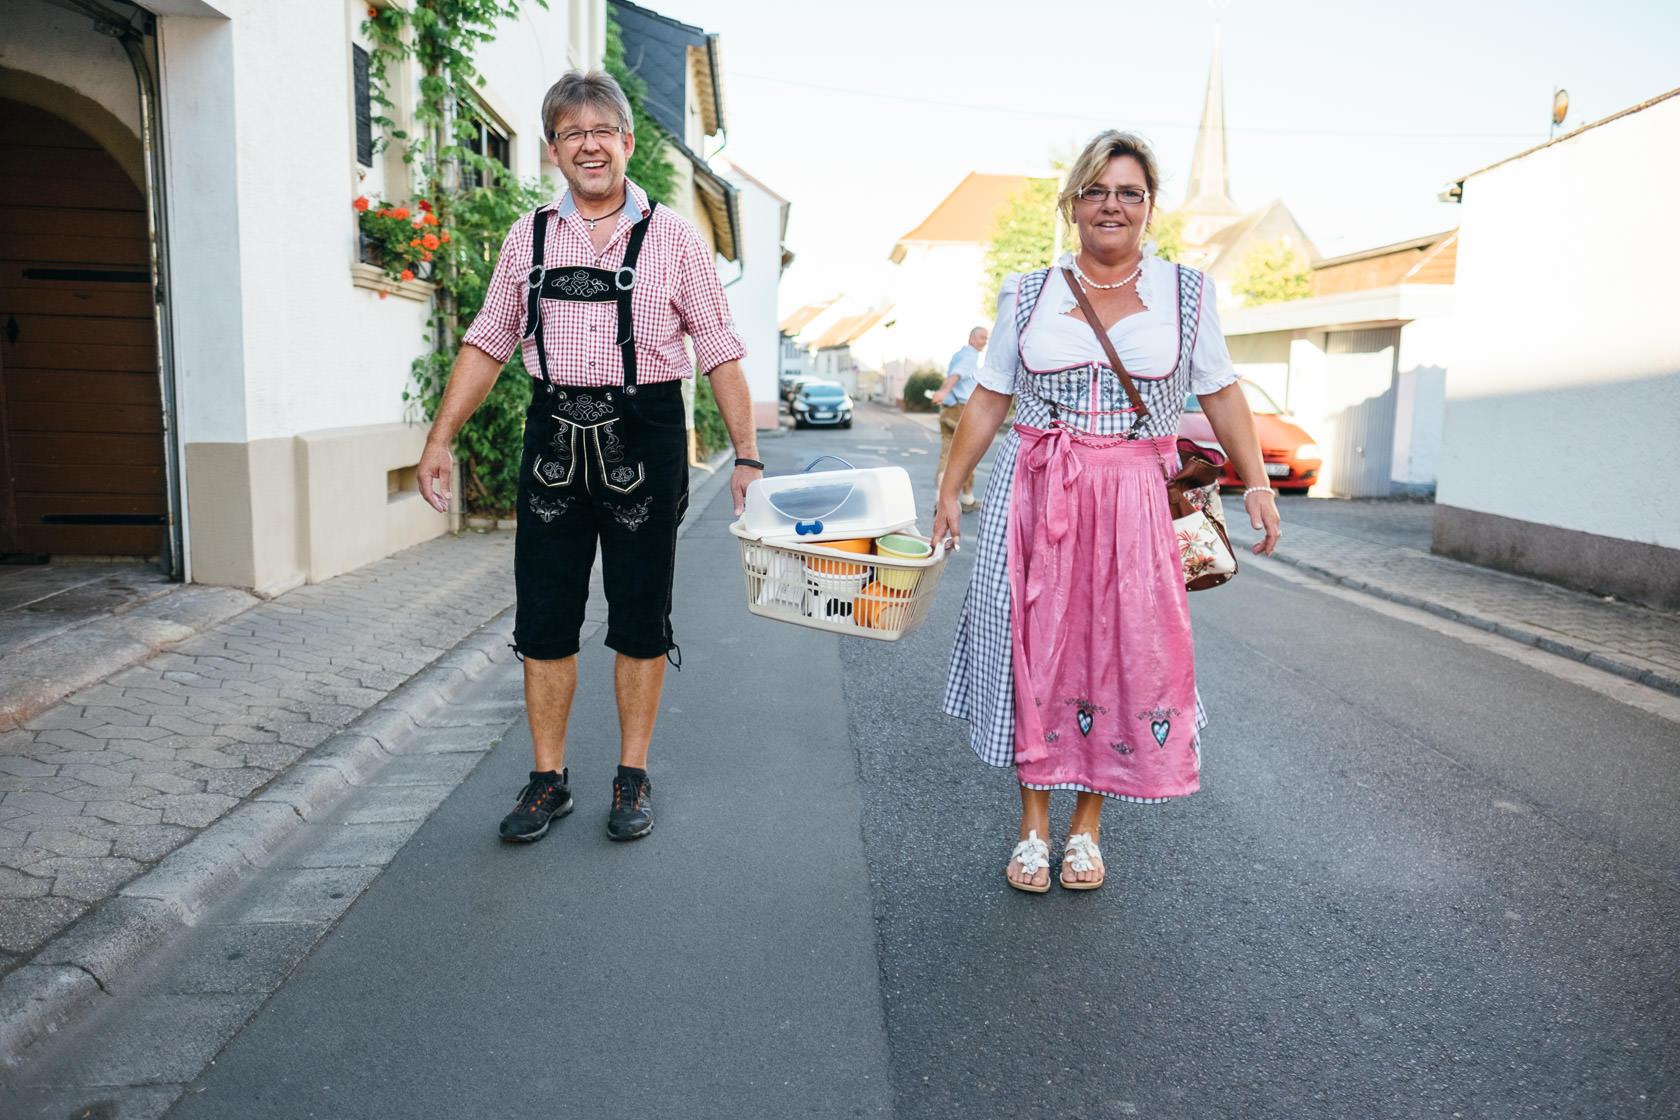 Bayrischer Polterabend in Norheim an der Nahe Alex und Jasmin Zerbrochenes Geschirr Scherben bringen Glück Hochzeit Wedding